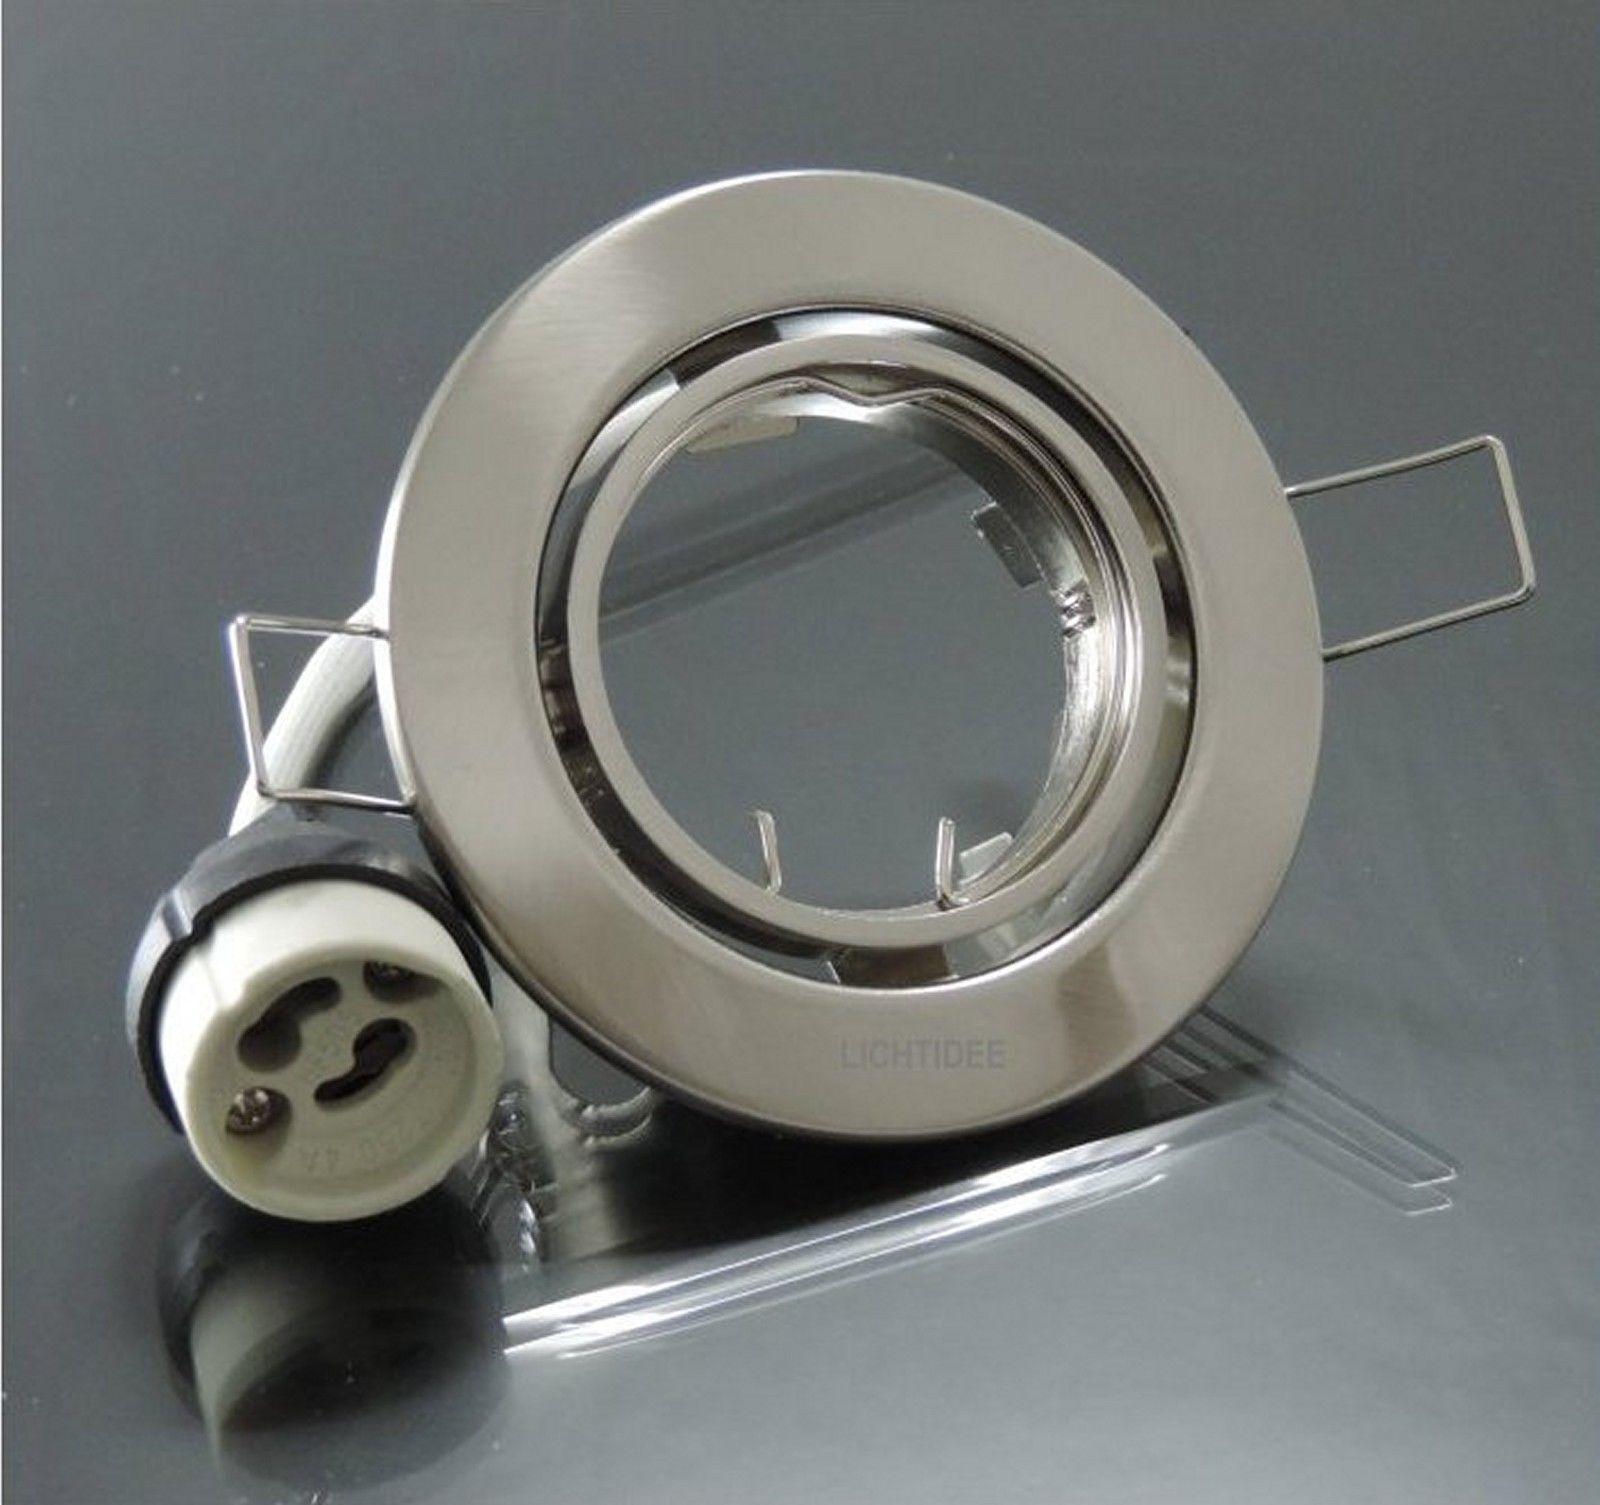 100 x Einbaustrahler Rahmen Spot schwenkbarFassung GU10 Eisen geb met  334 | Moderne und stilvolle Mode  | Neuheit  | Deutschland Frankfurt